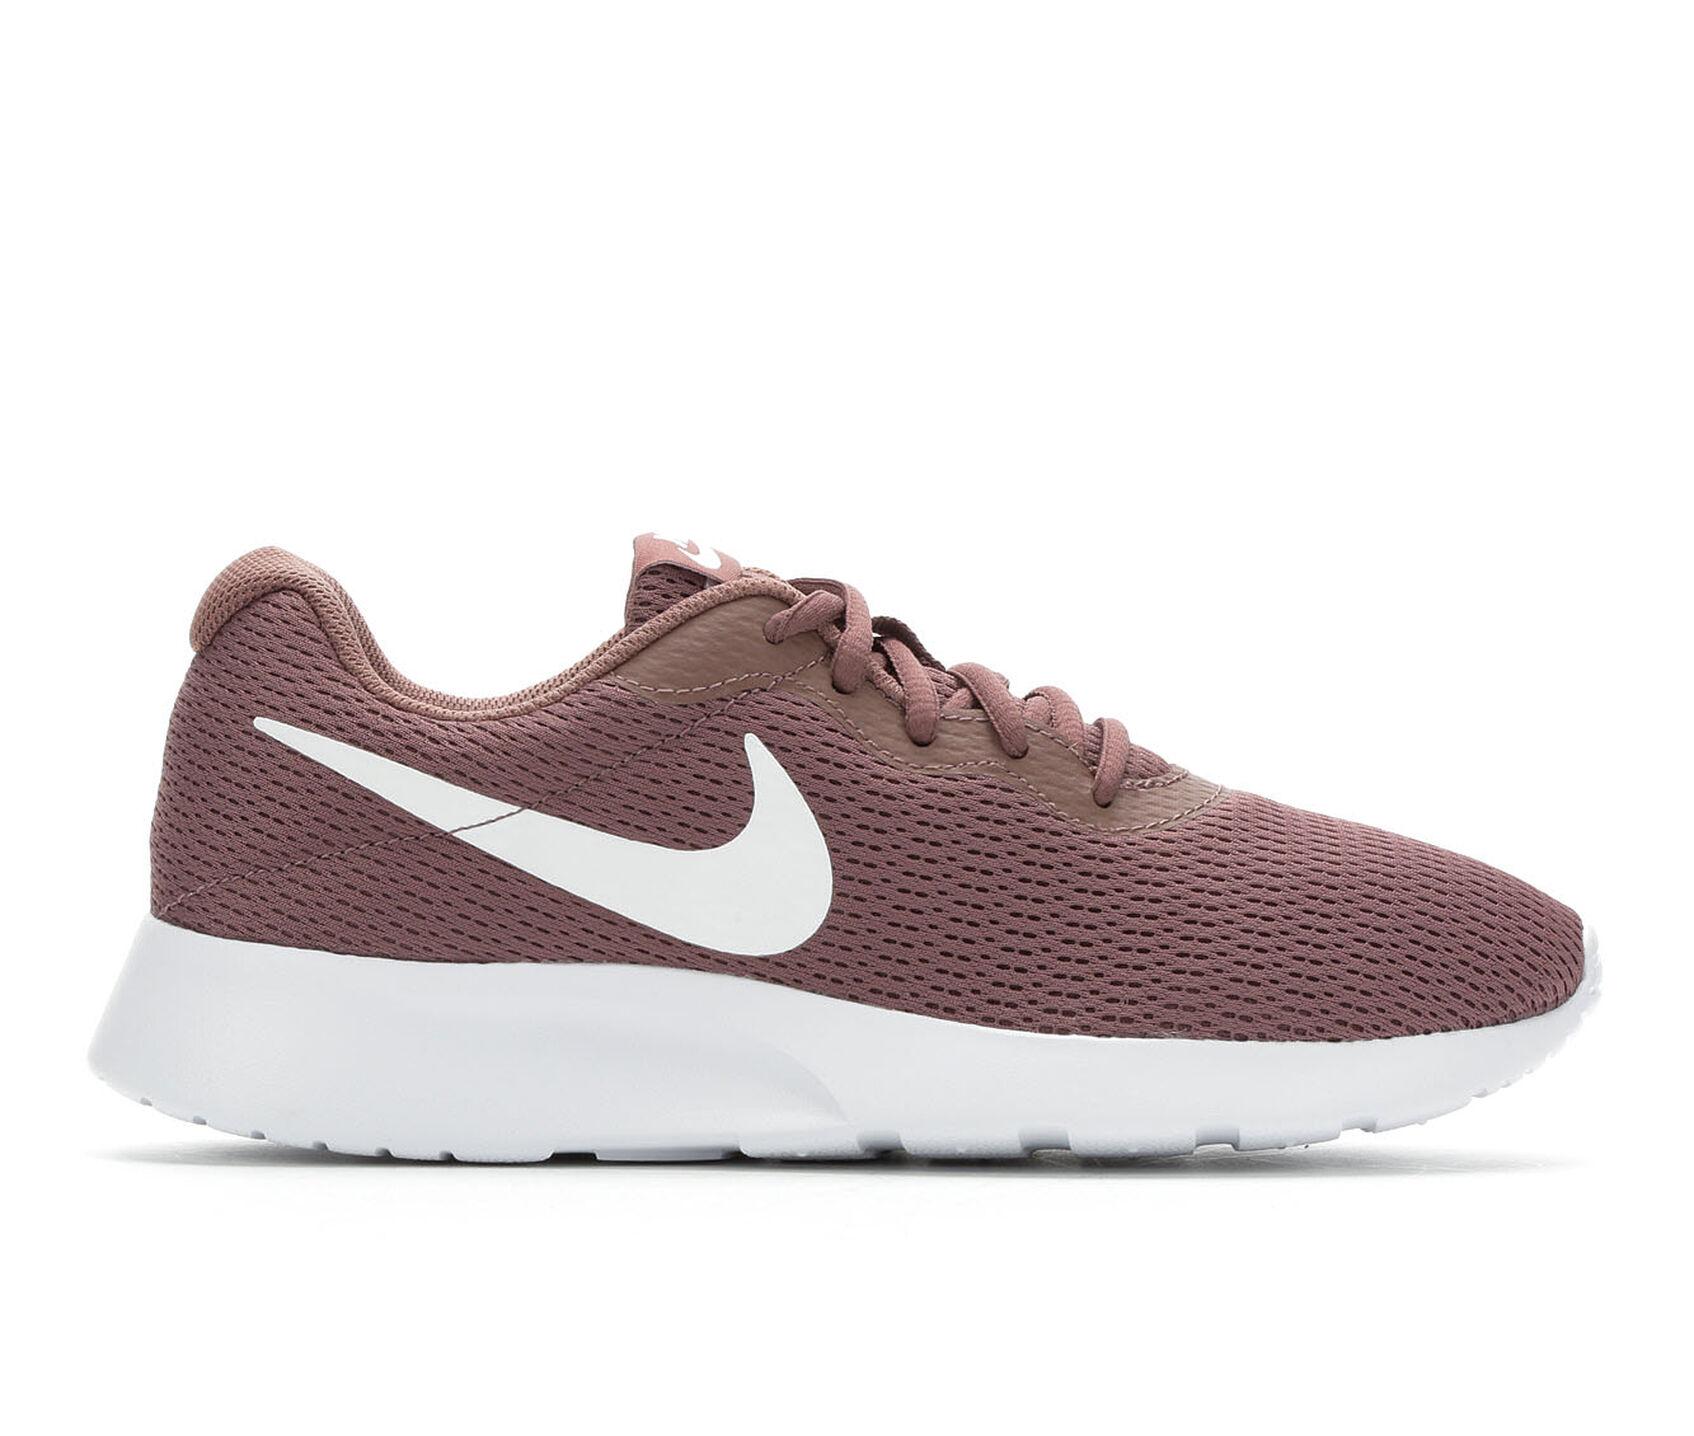 def751ec31 Women's Nike Tanjun Sneakers | Shoe Carnival